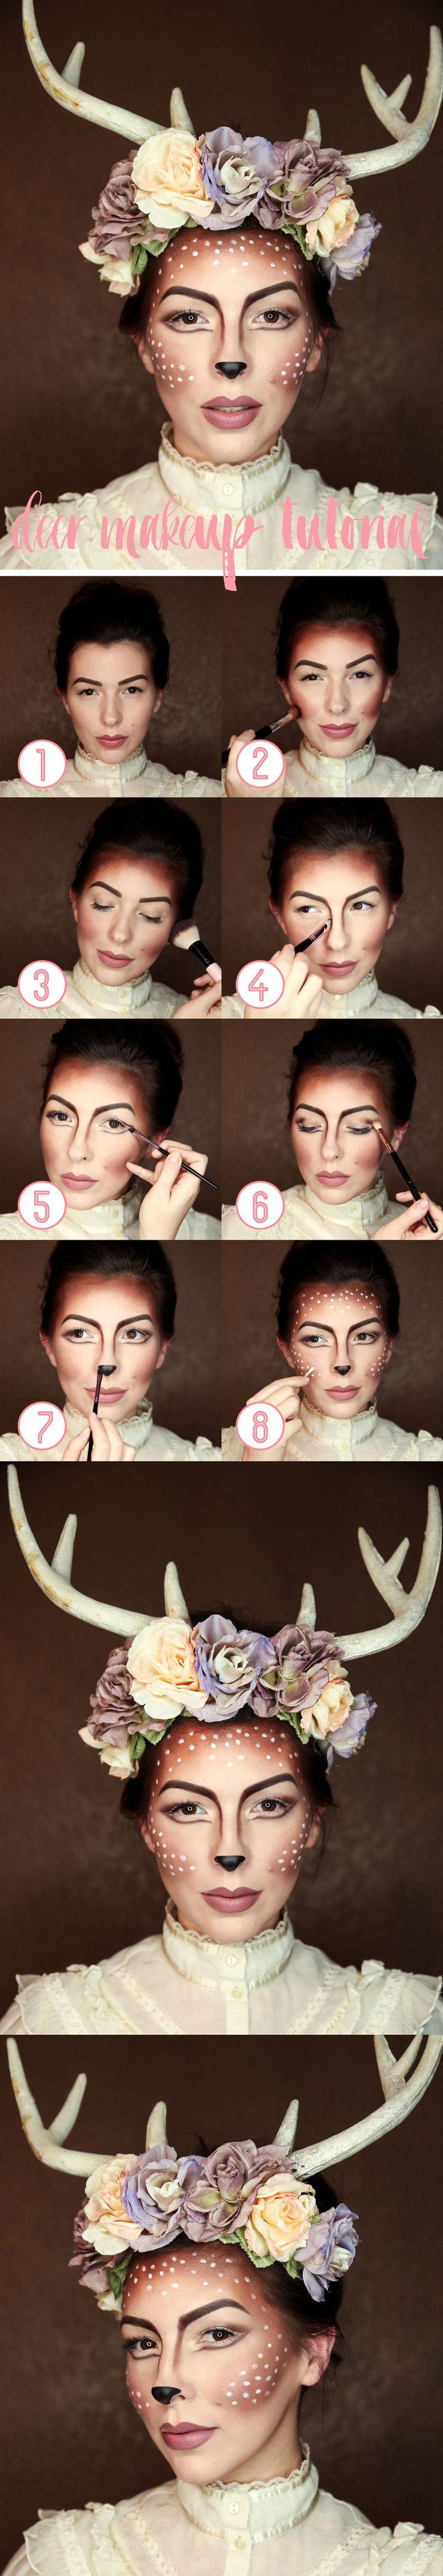 Halloween Costume Idea: Easy Deer Makeup Tutorial